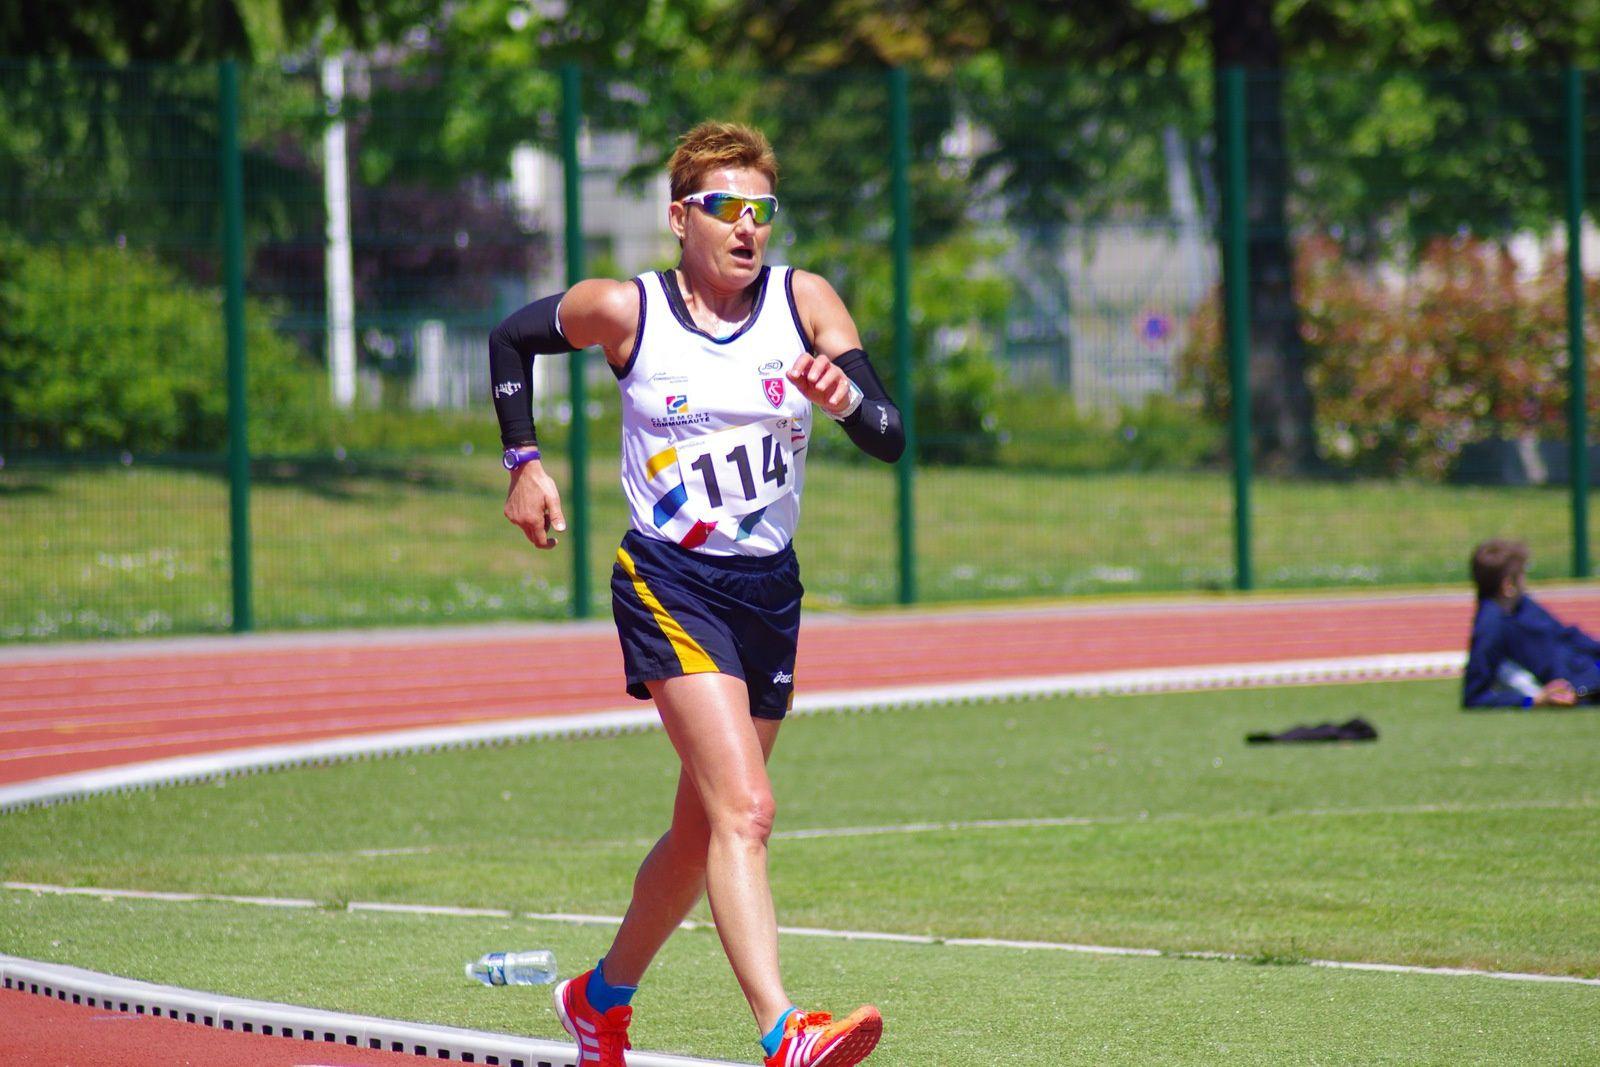 Des meilleures performances françaises battues au Meeting d'athlétisme de Vénissieux